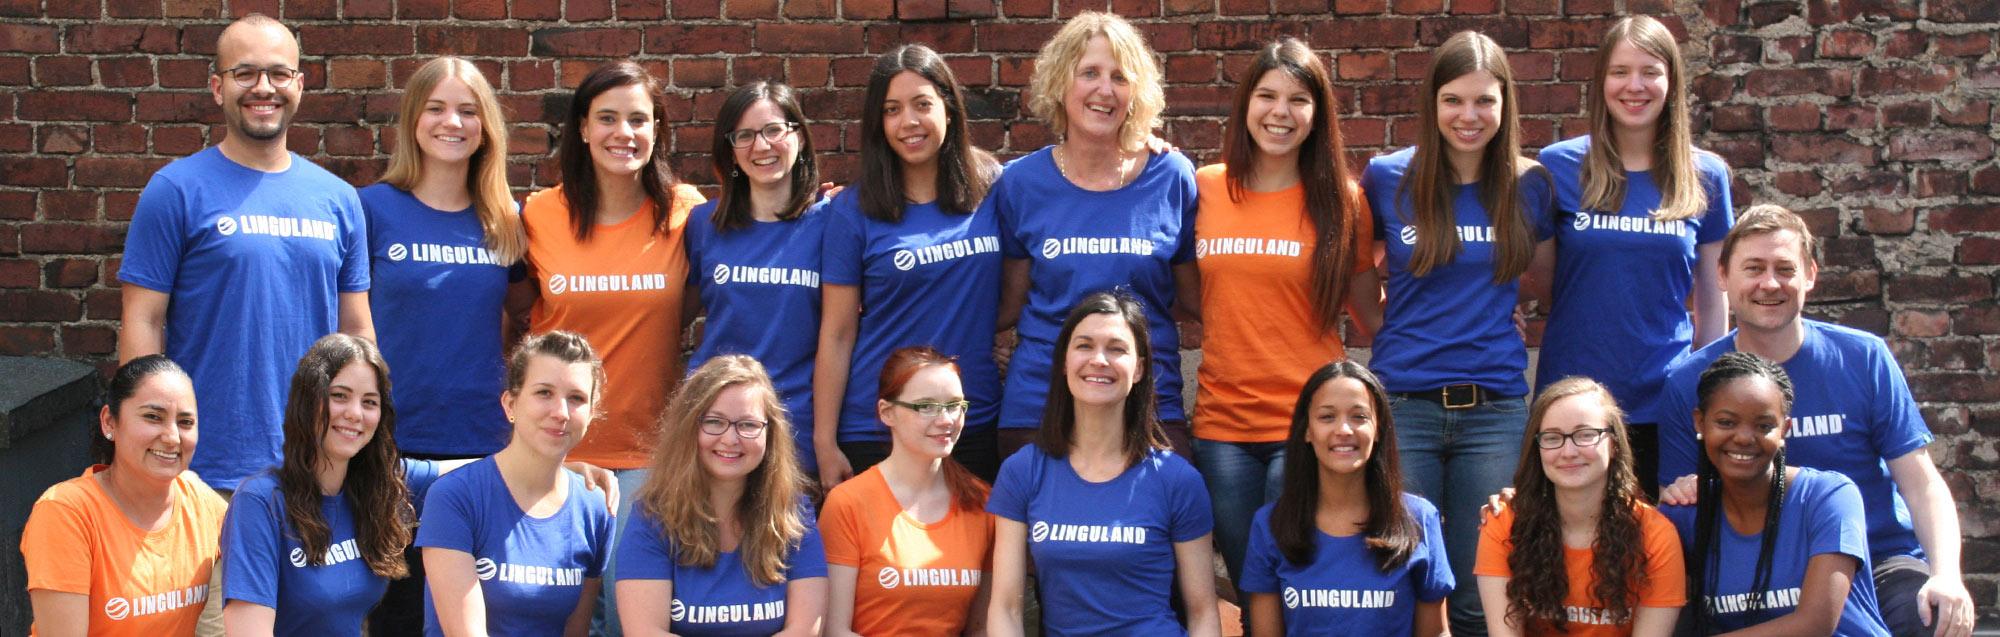 Histoire de l'entreprise Linguland Séjours Linguistiques